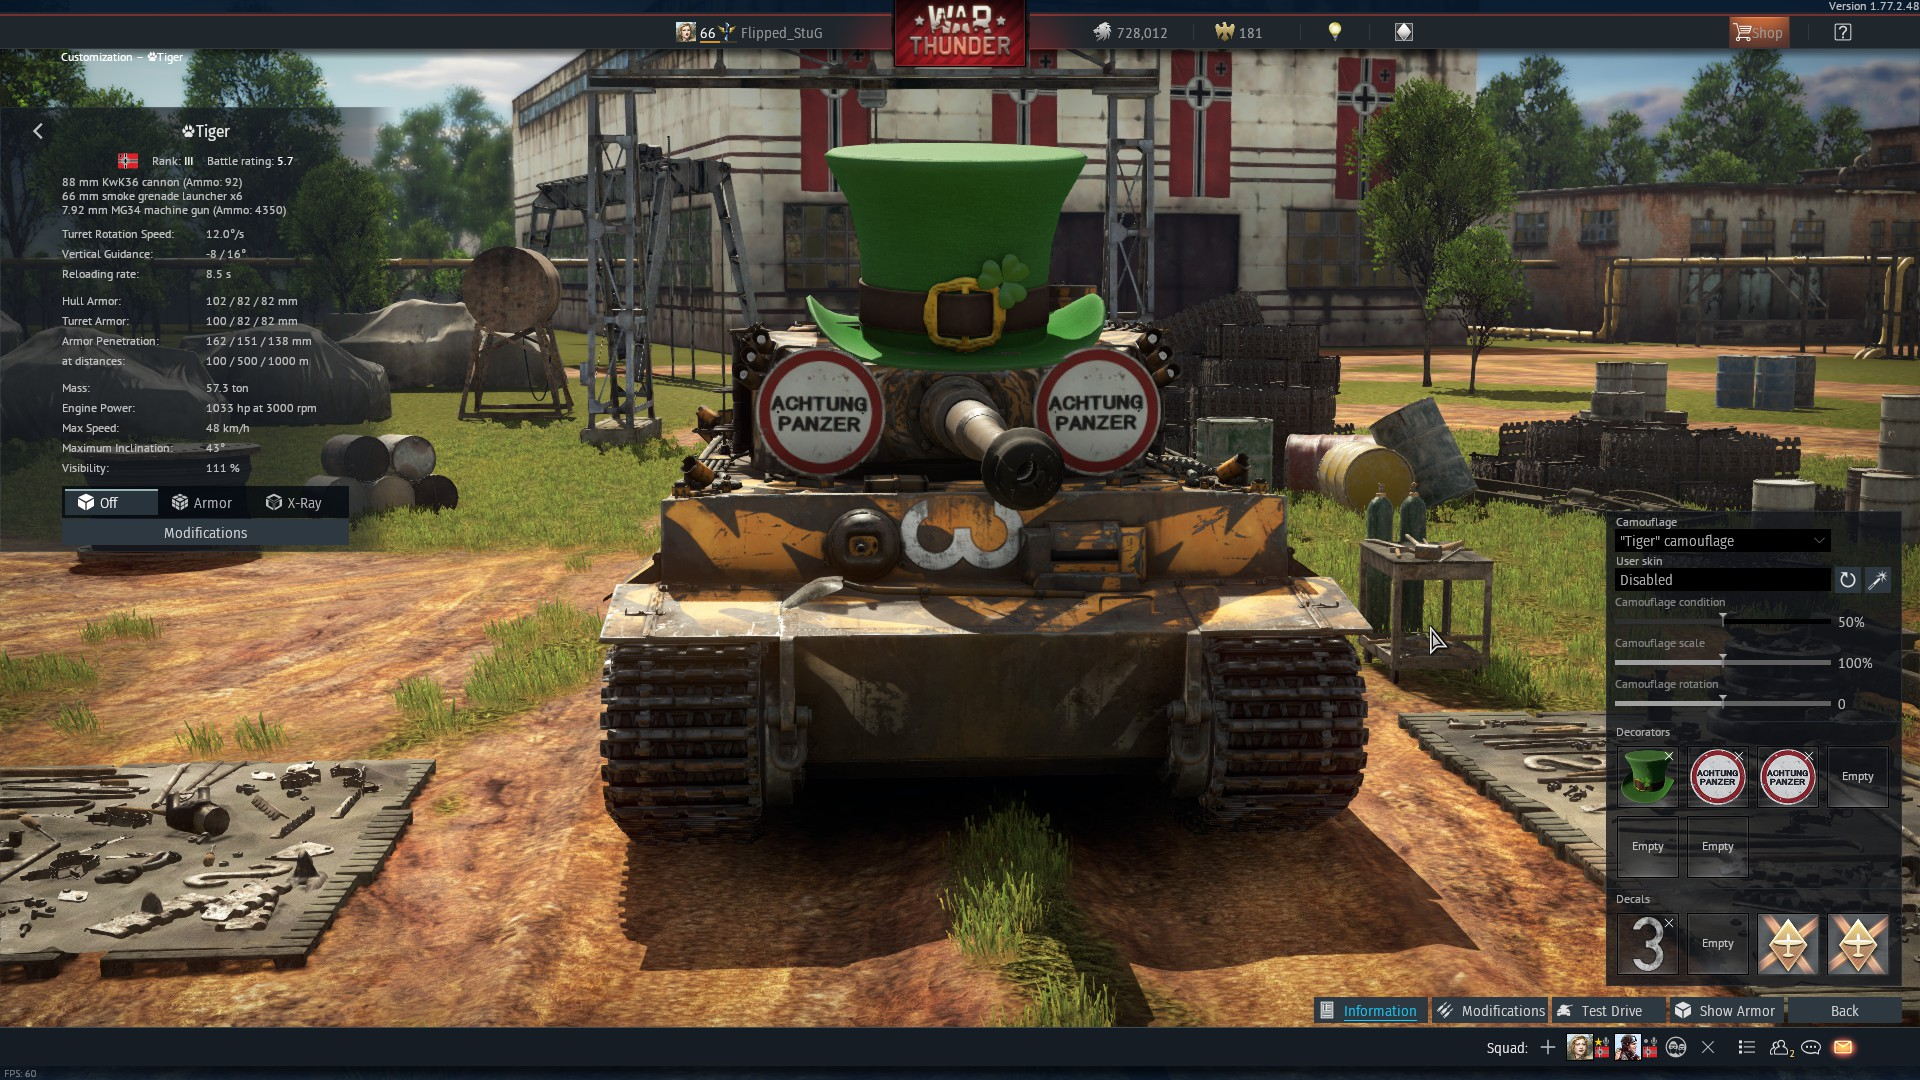 как посмотреть скриншоты в war thunder